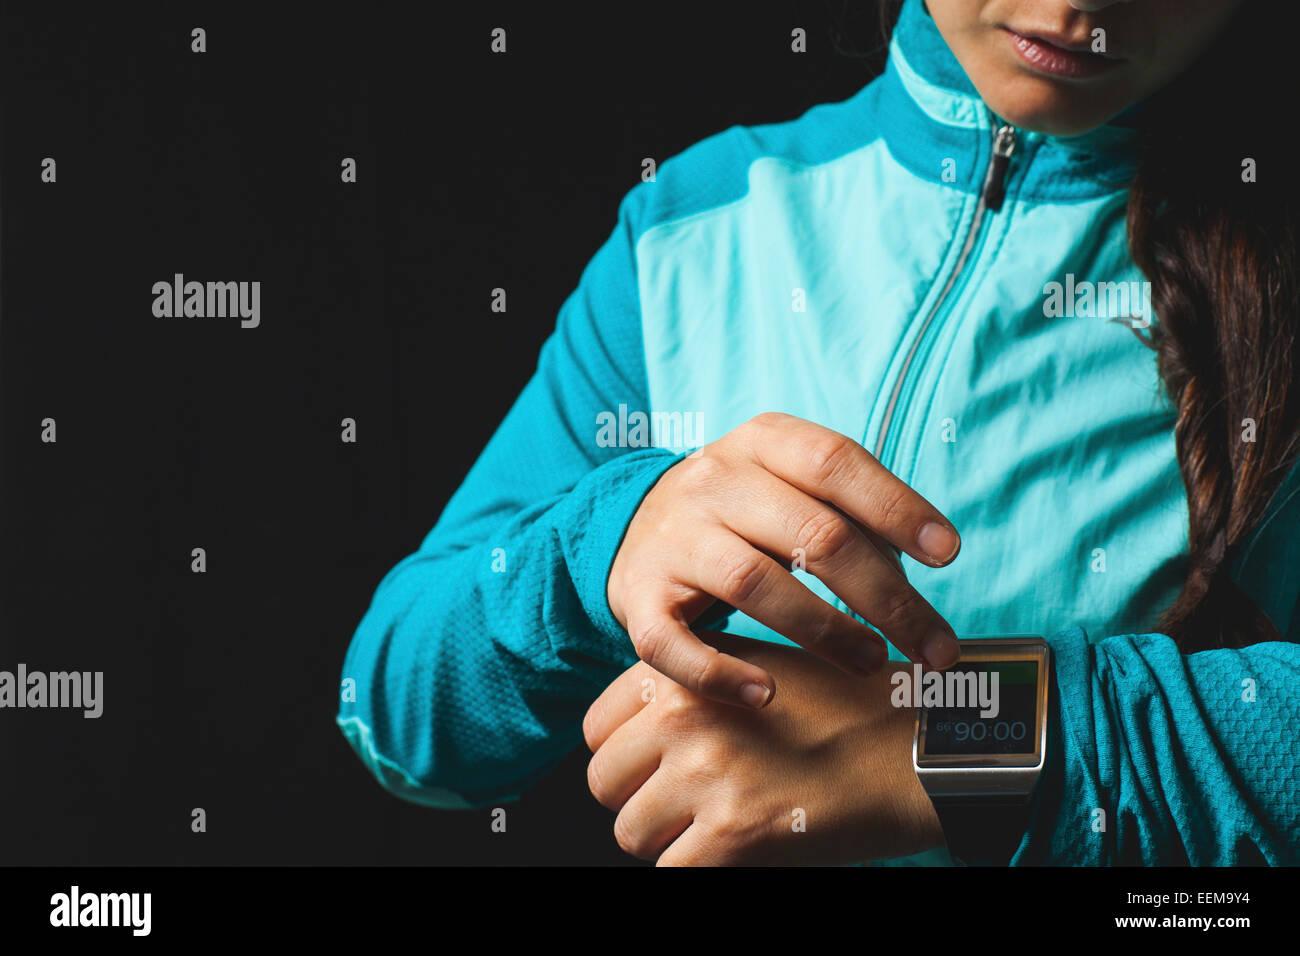 Frau trägt Smartwatch Gerät auf schwarzem Hintergrund Stockbild